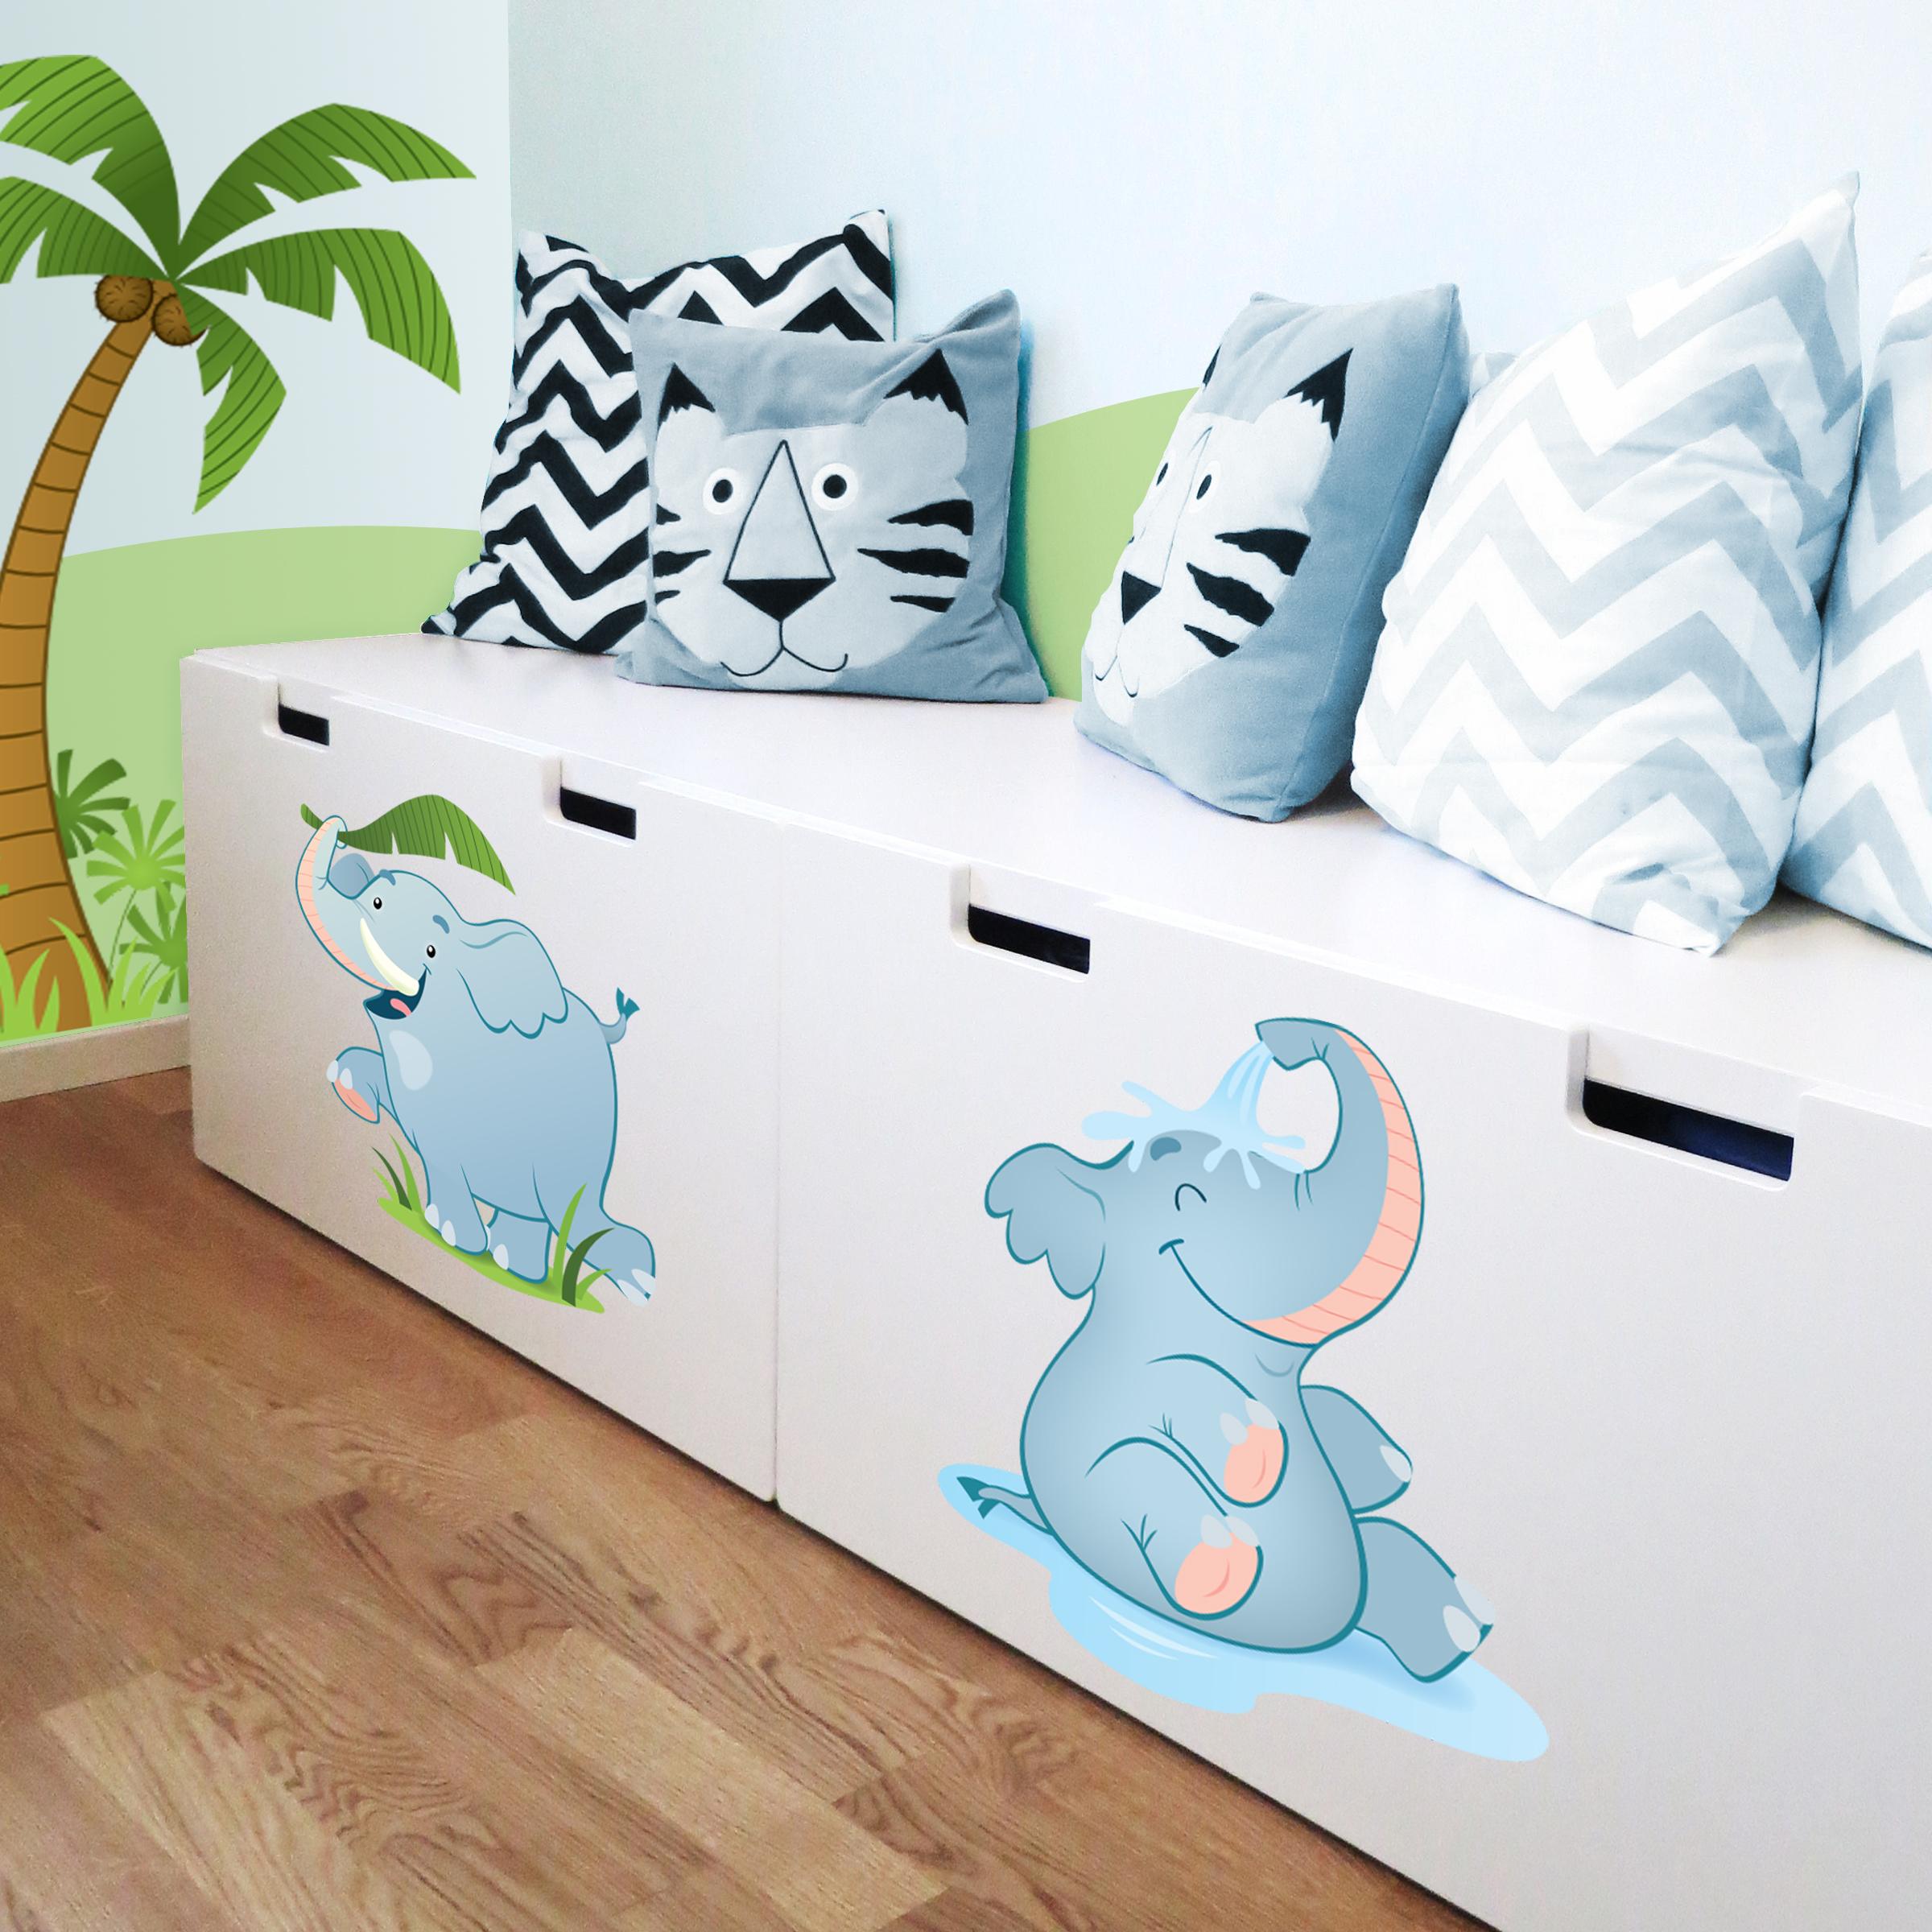 Adesivi per decorare i mobili dei bambini leostickers for Mobili x bambini